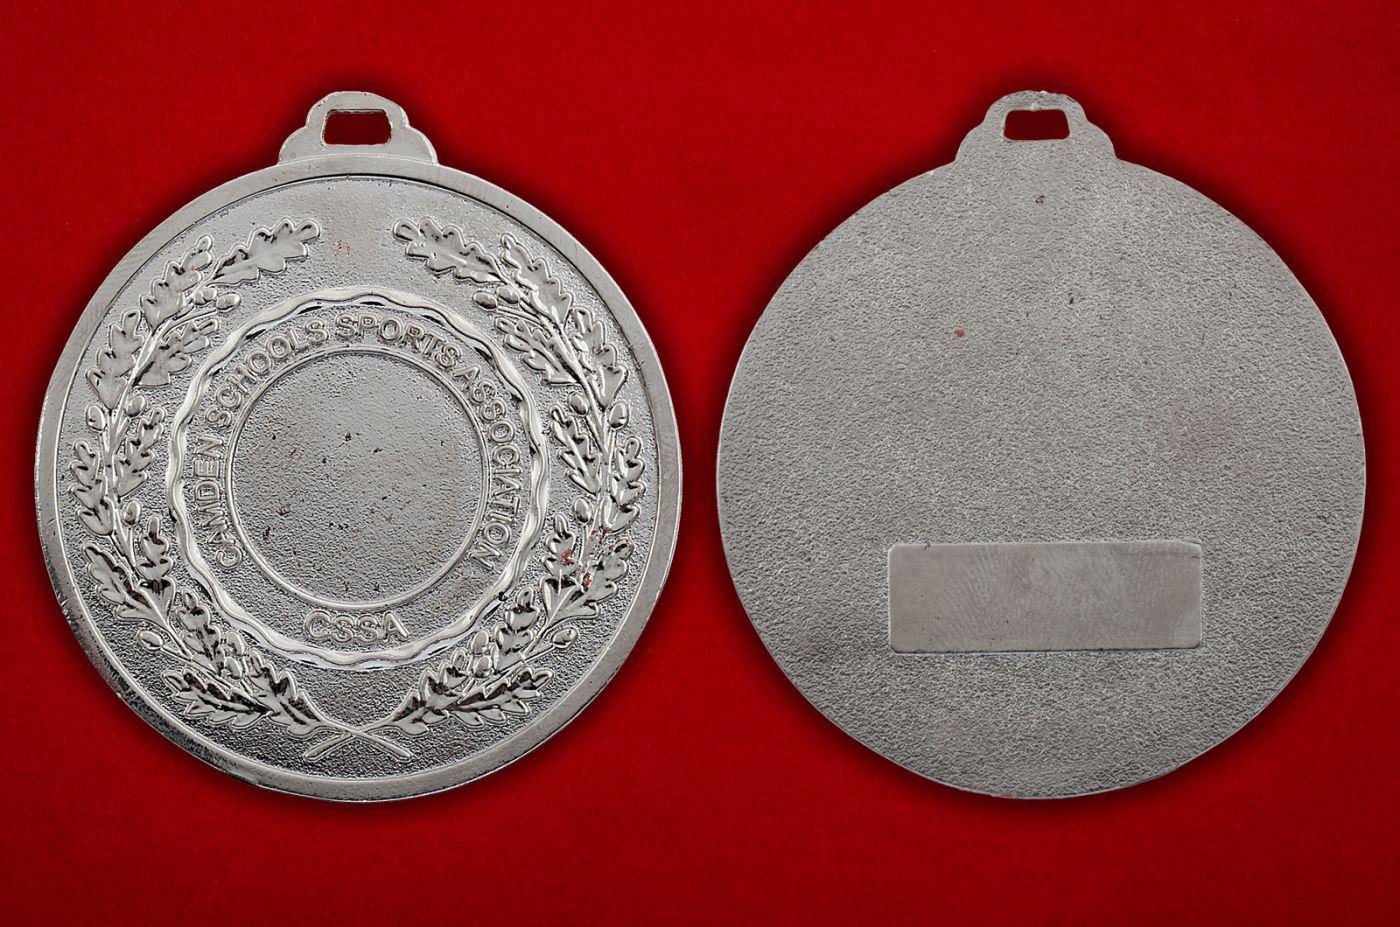 Медальон Ассоциации спортшкол Кэмдена, Лондон - аверс и реверс